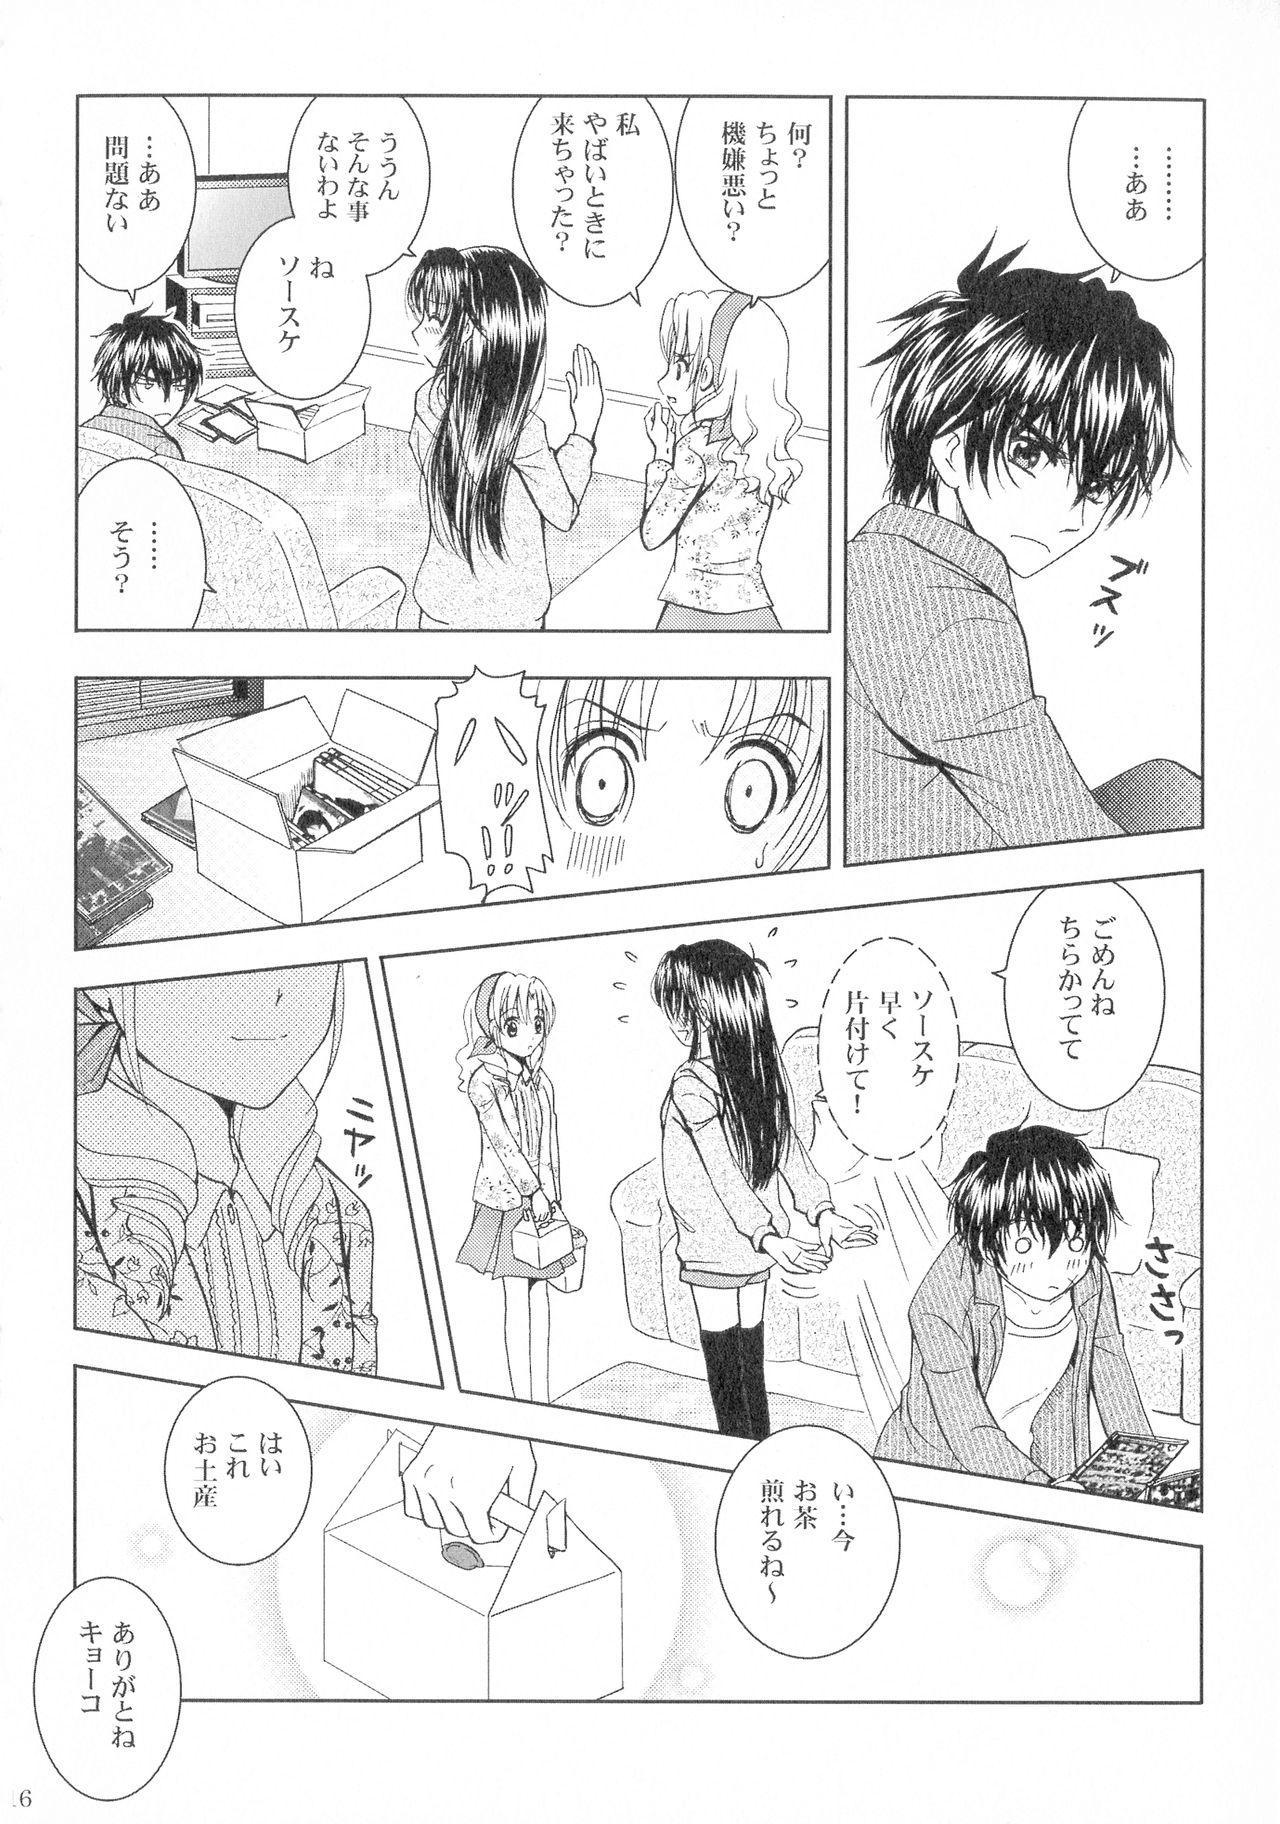 SEXY PANIC Sairoku-shuu VOL.3 15